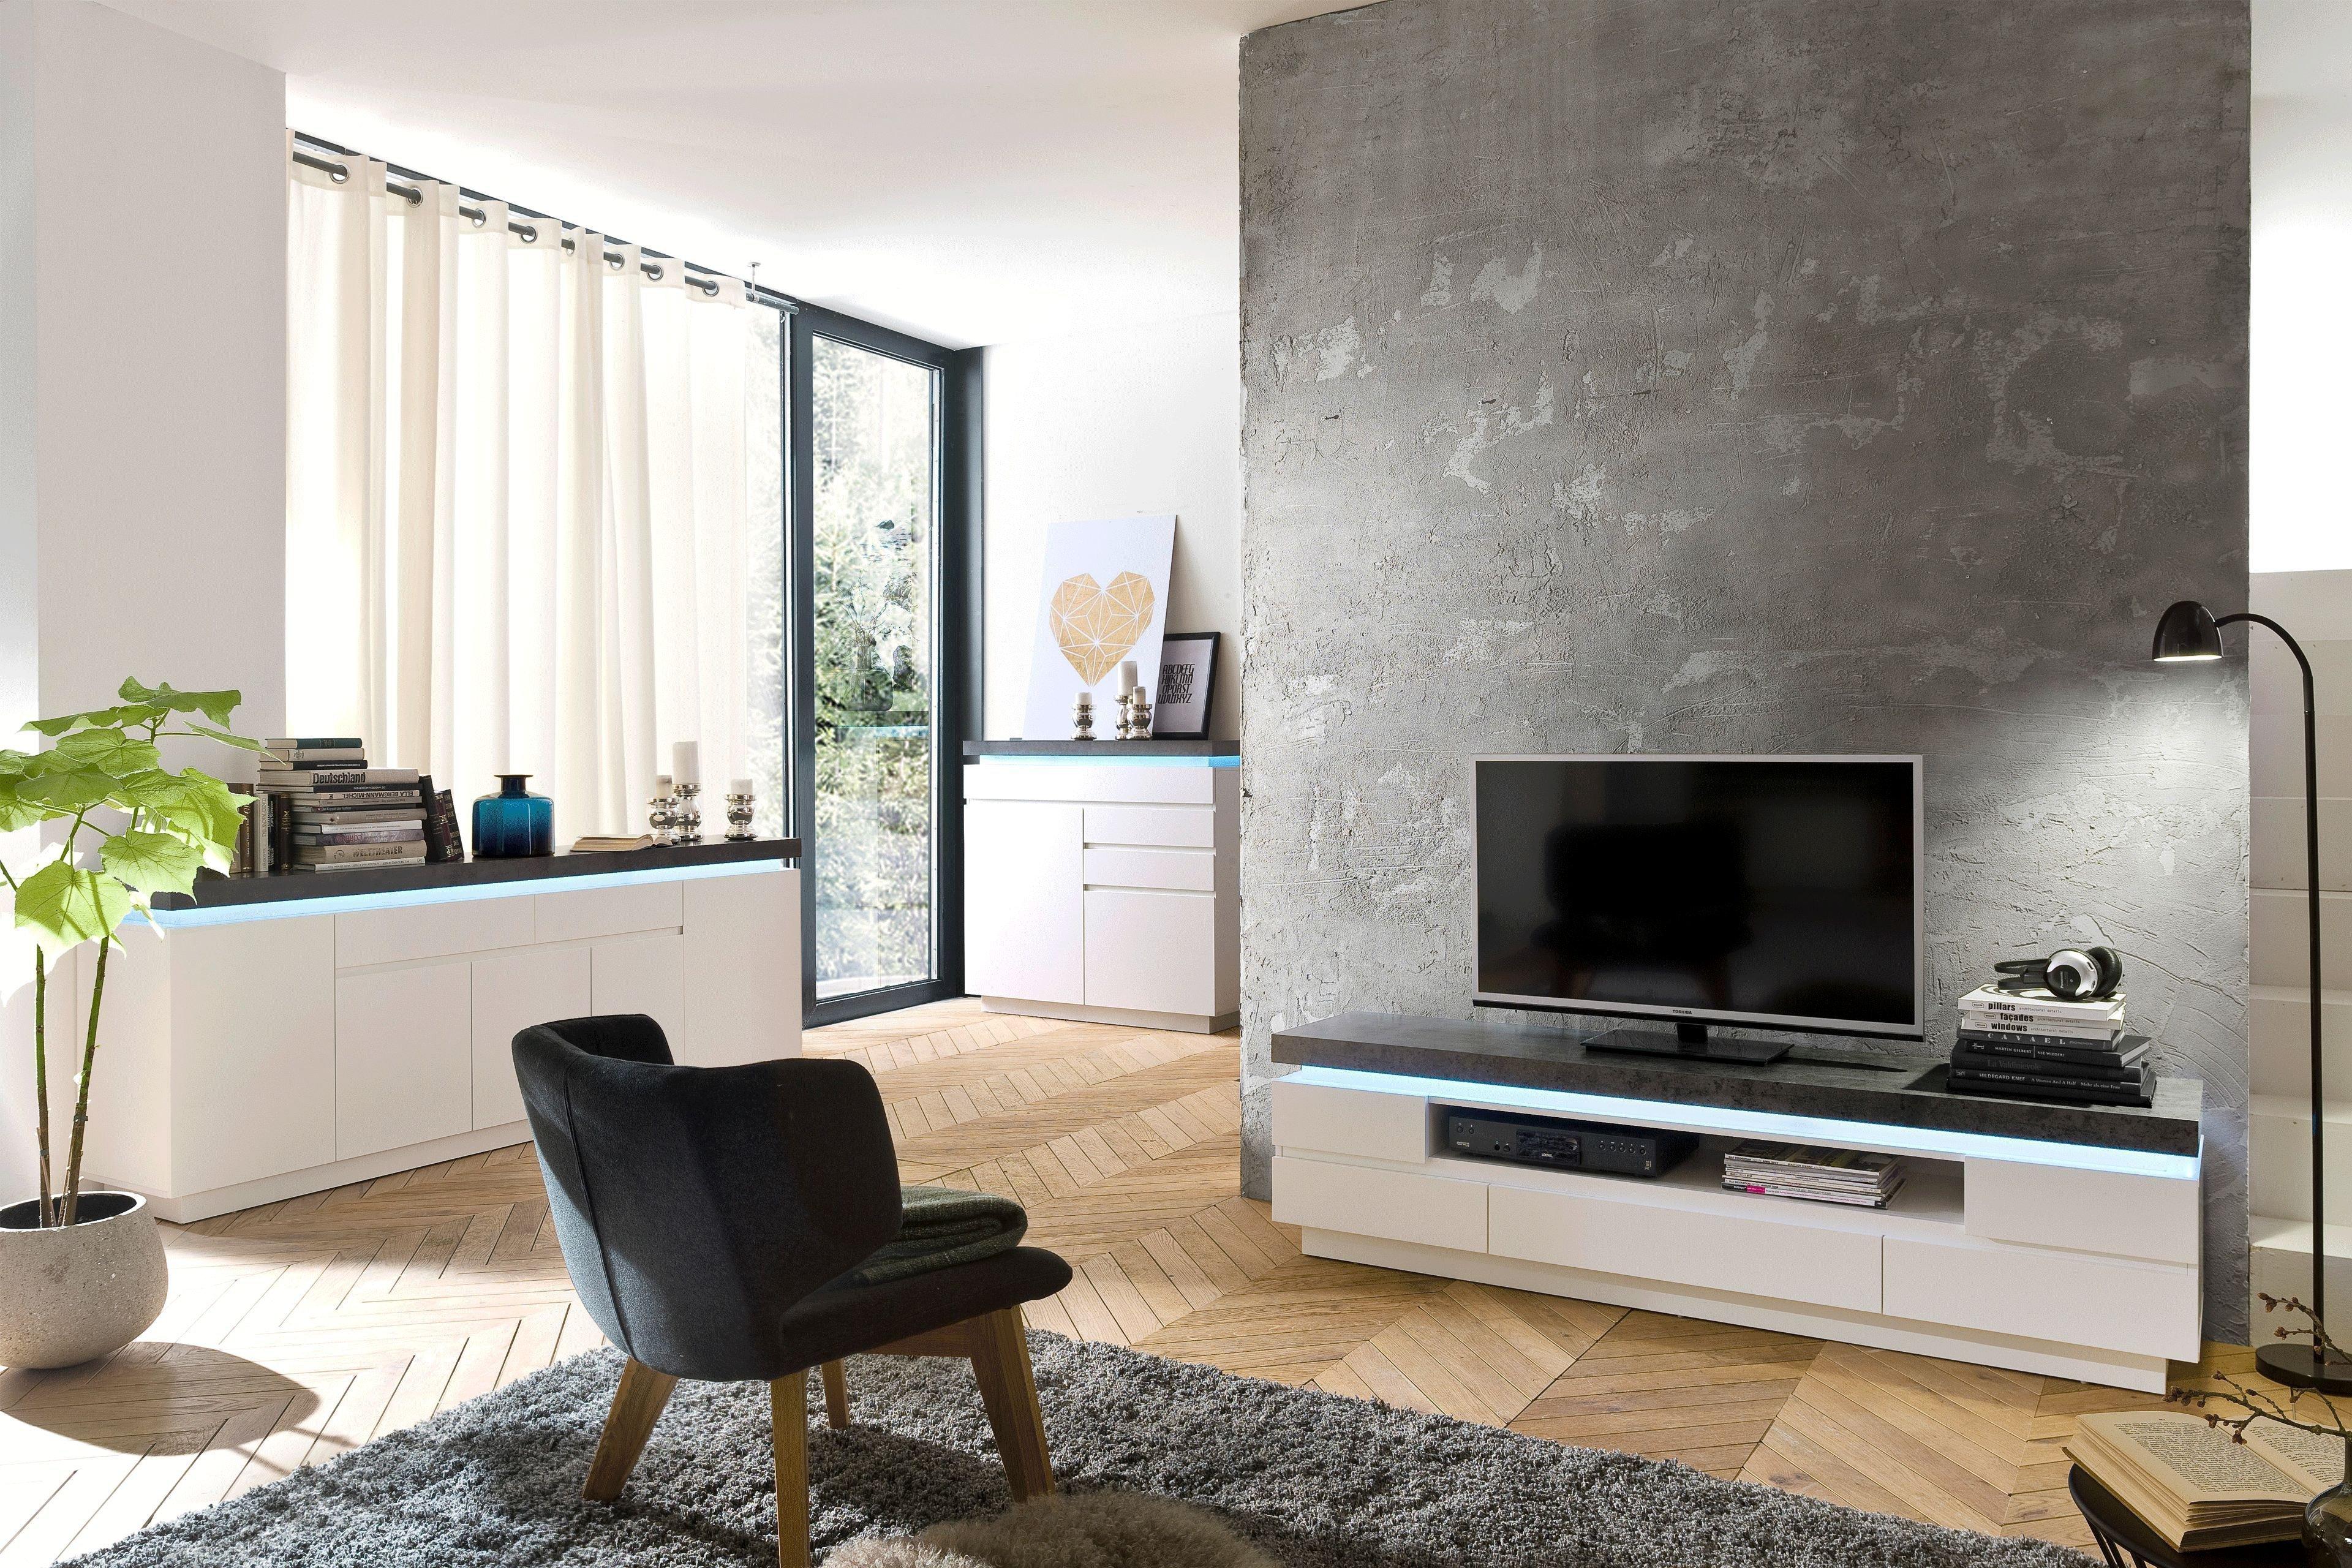 Innotrend By Mca Jinny Lowboard 48672wb1 In Weiss Beton Mobel Letz Ihr Online Shop